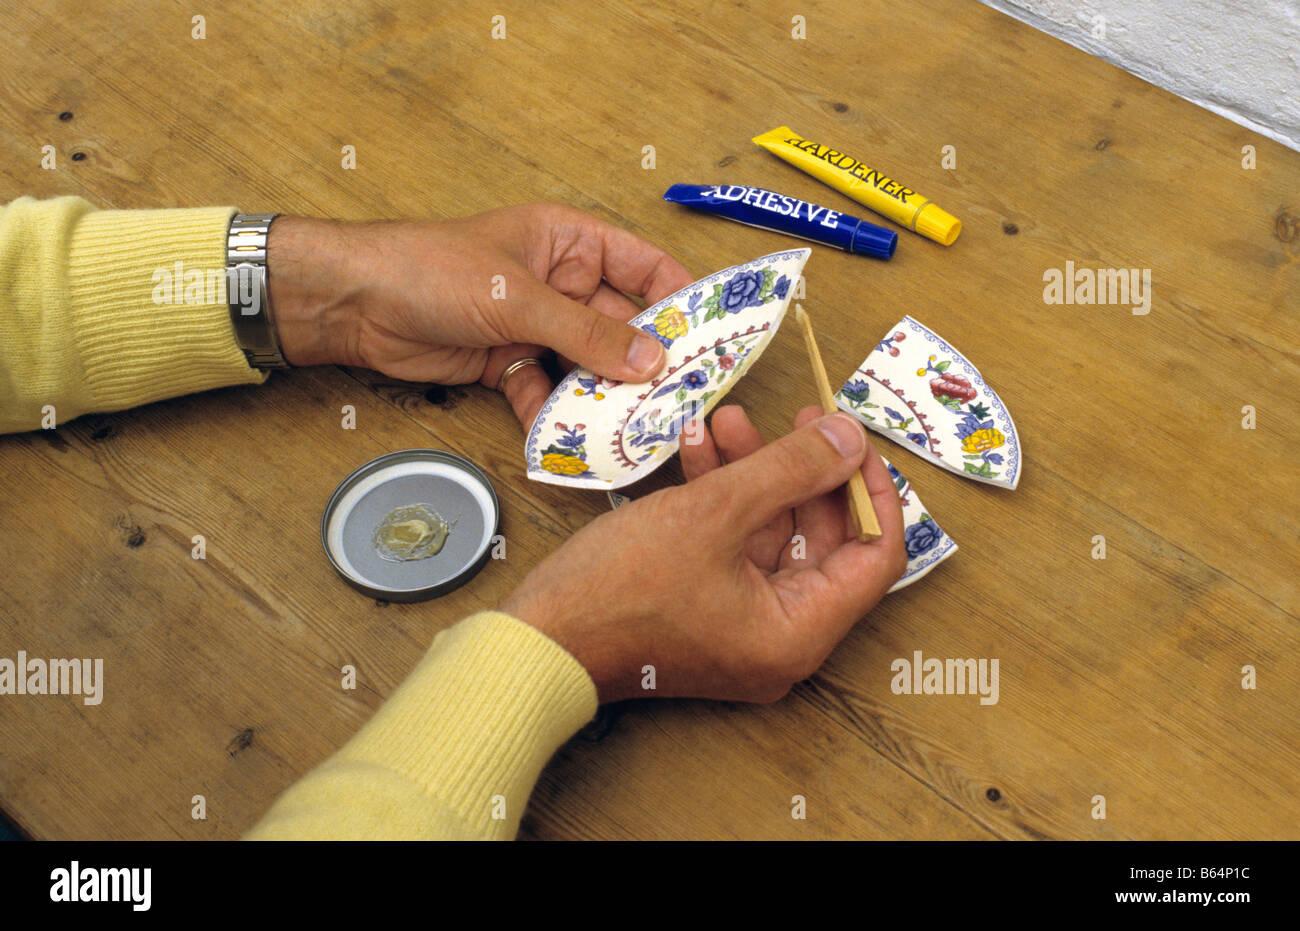 Araldite Stock Photos & Araldite Stock Images - Alamy